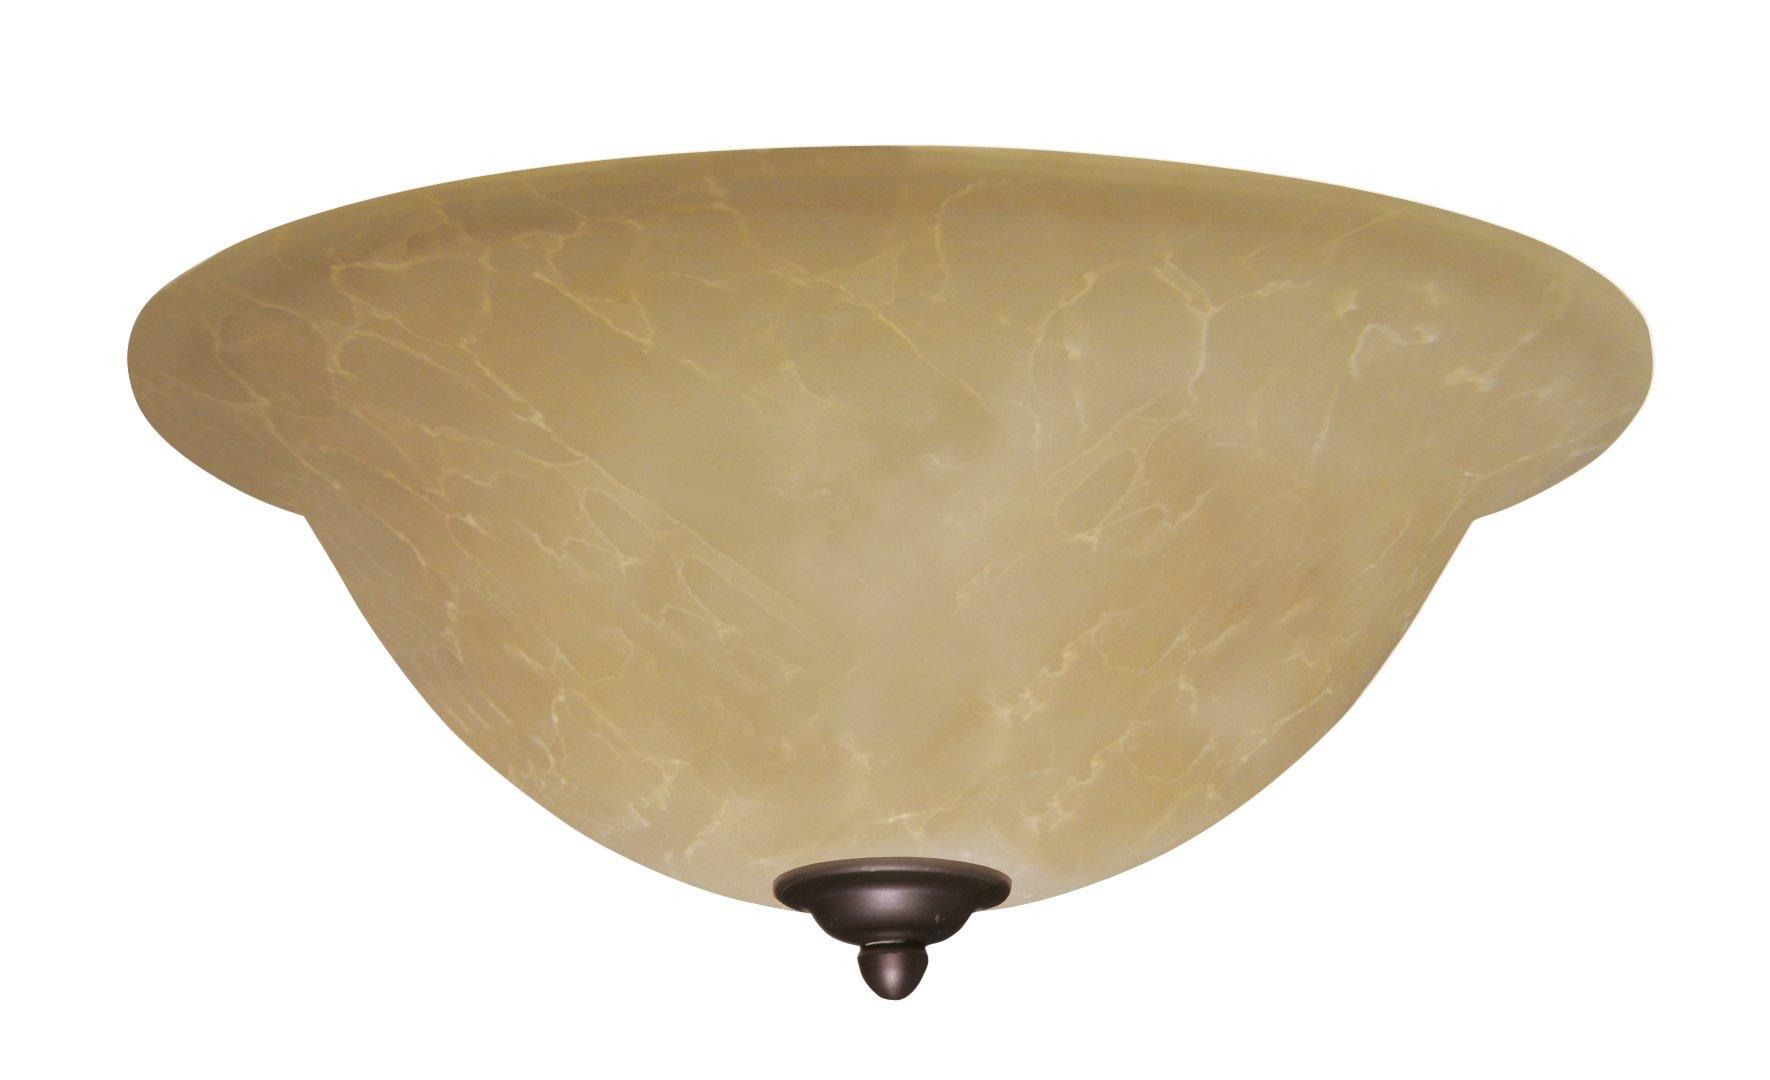 Emerson Ceiling Fans LK71VNB Amber Parchment Light Fixture for Ceiling Fans, Medium Base CFL